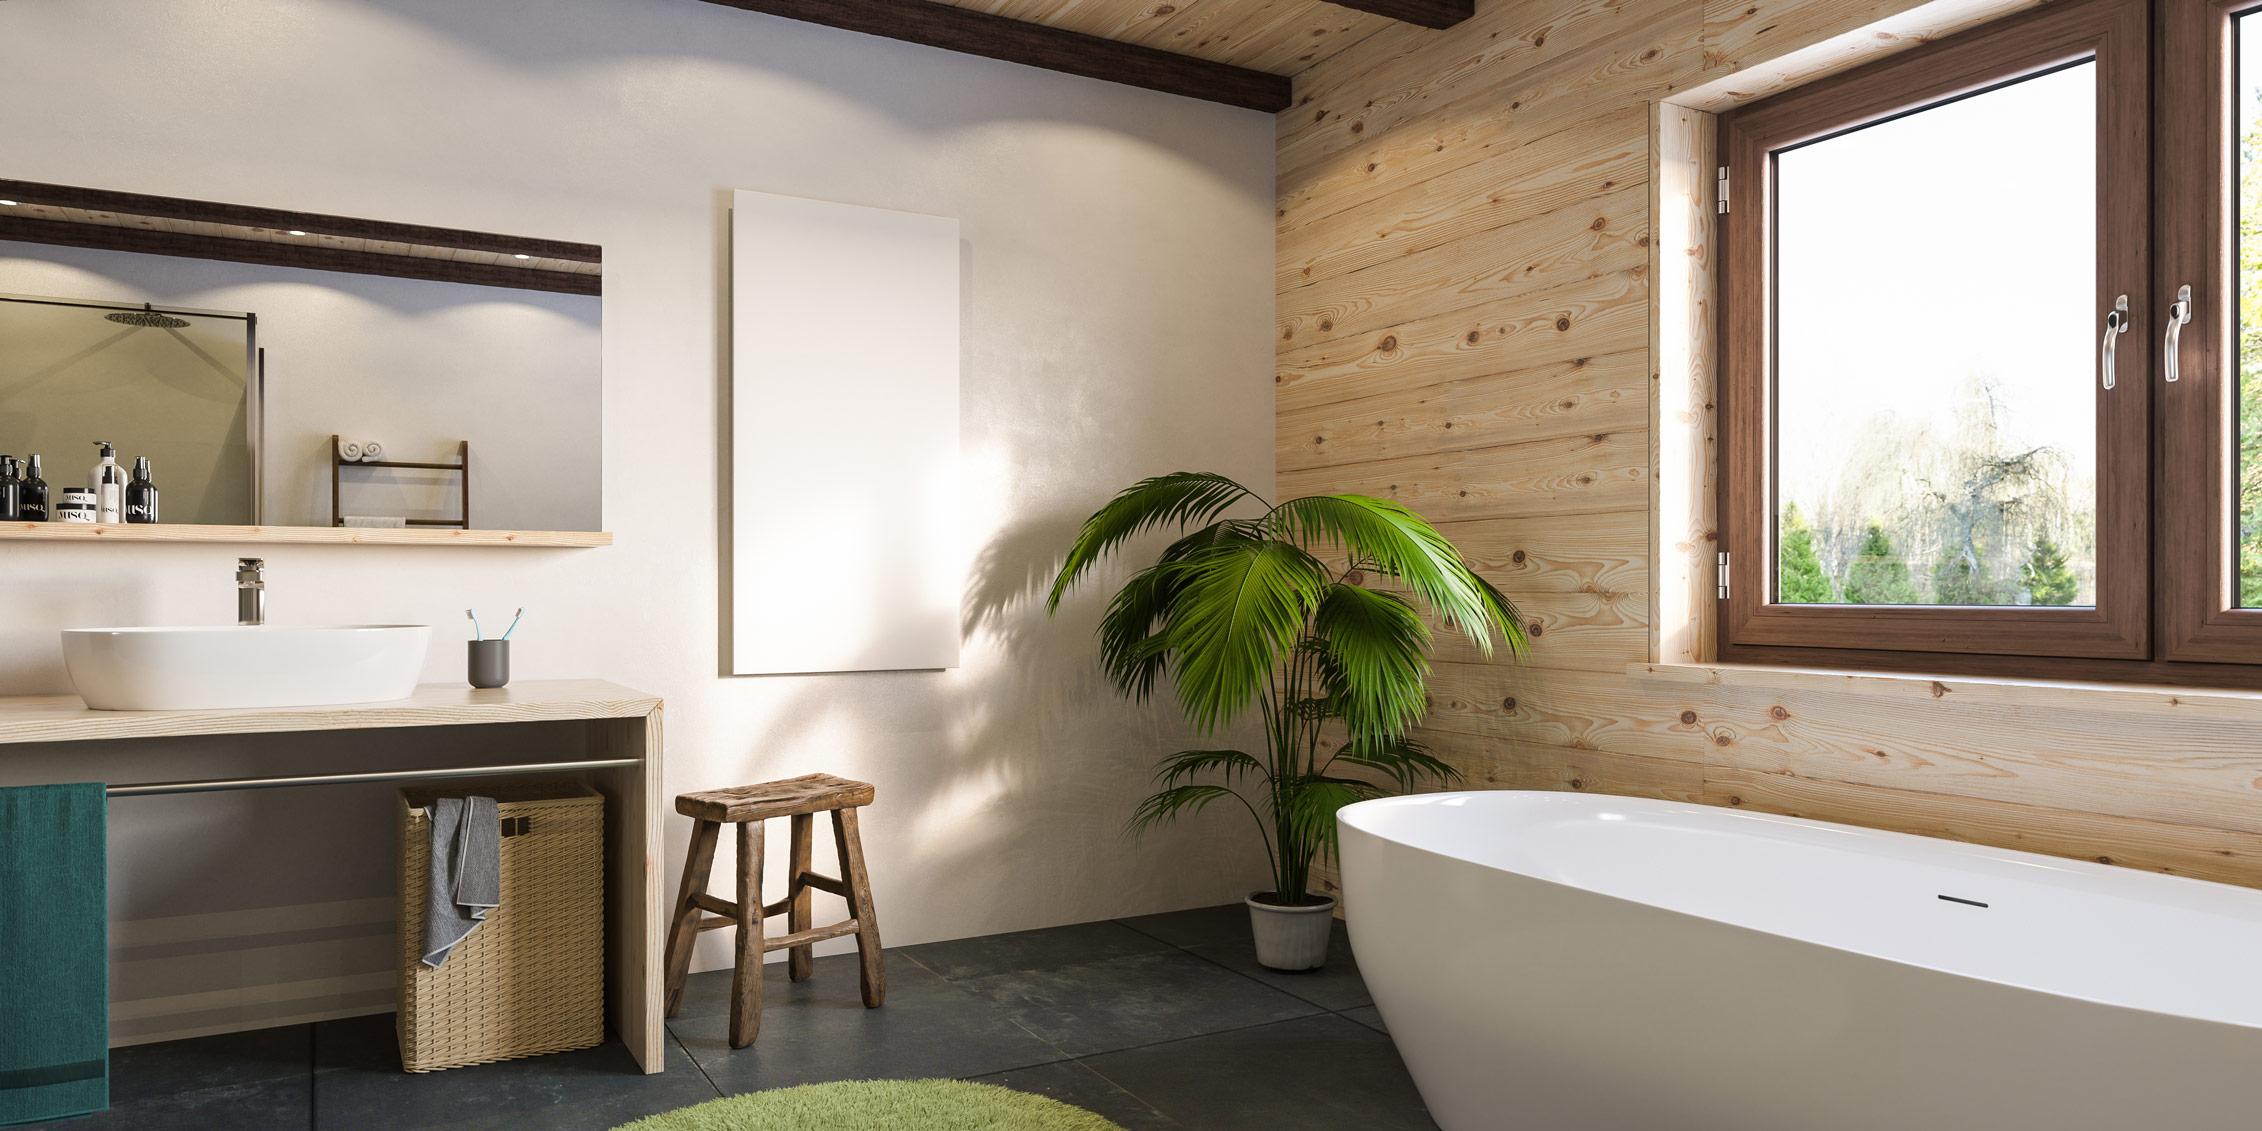 580w-kopalnica